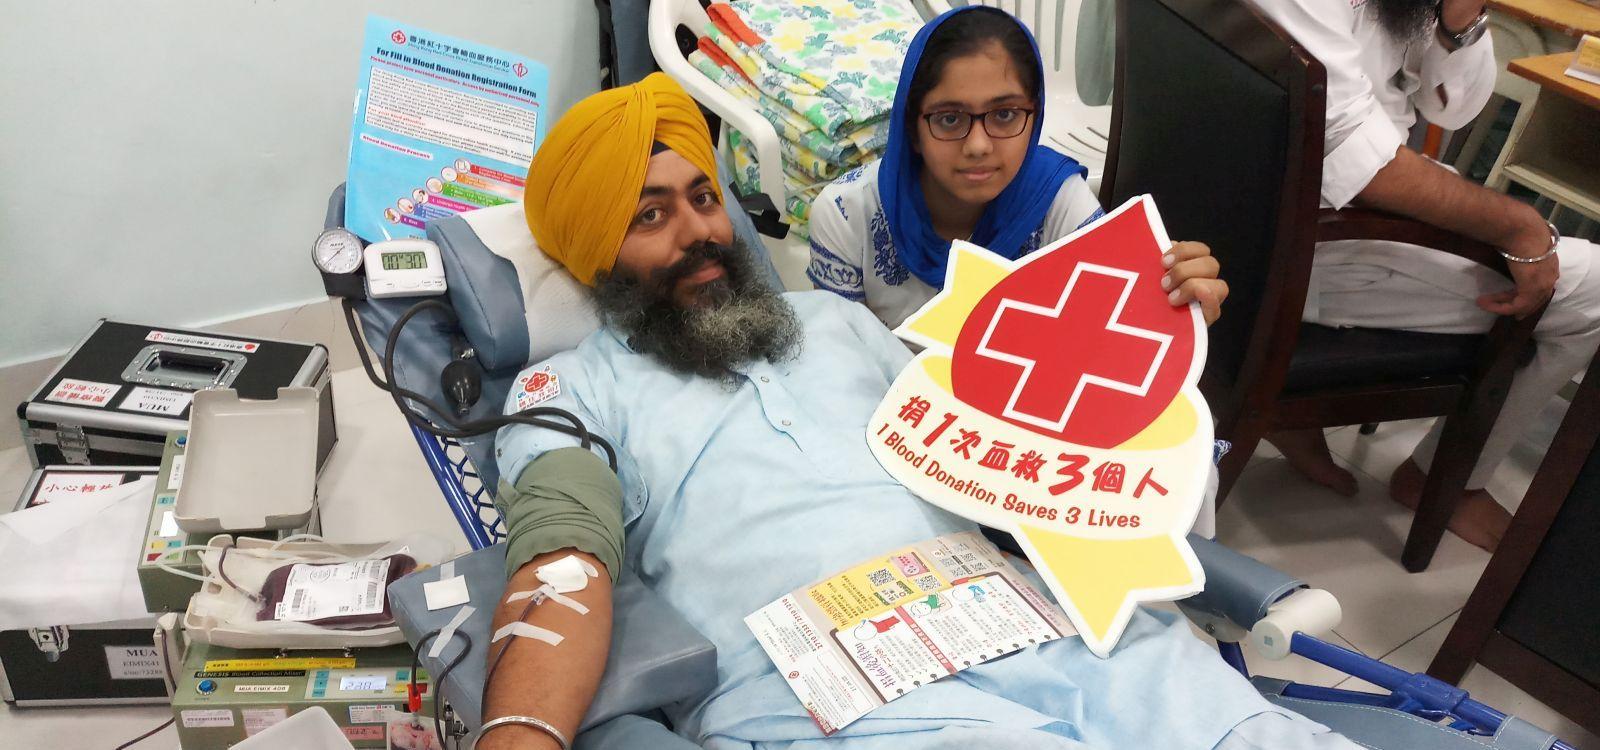 圖片: 流动捐血服务